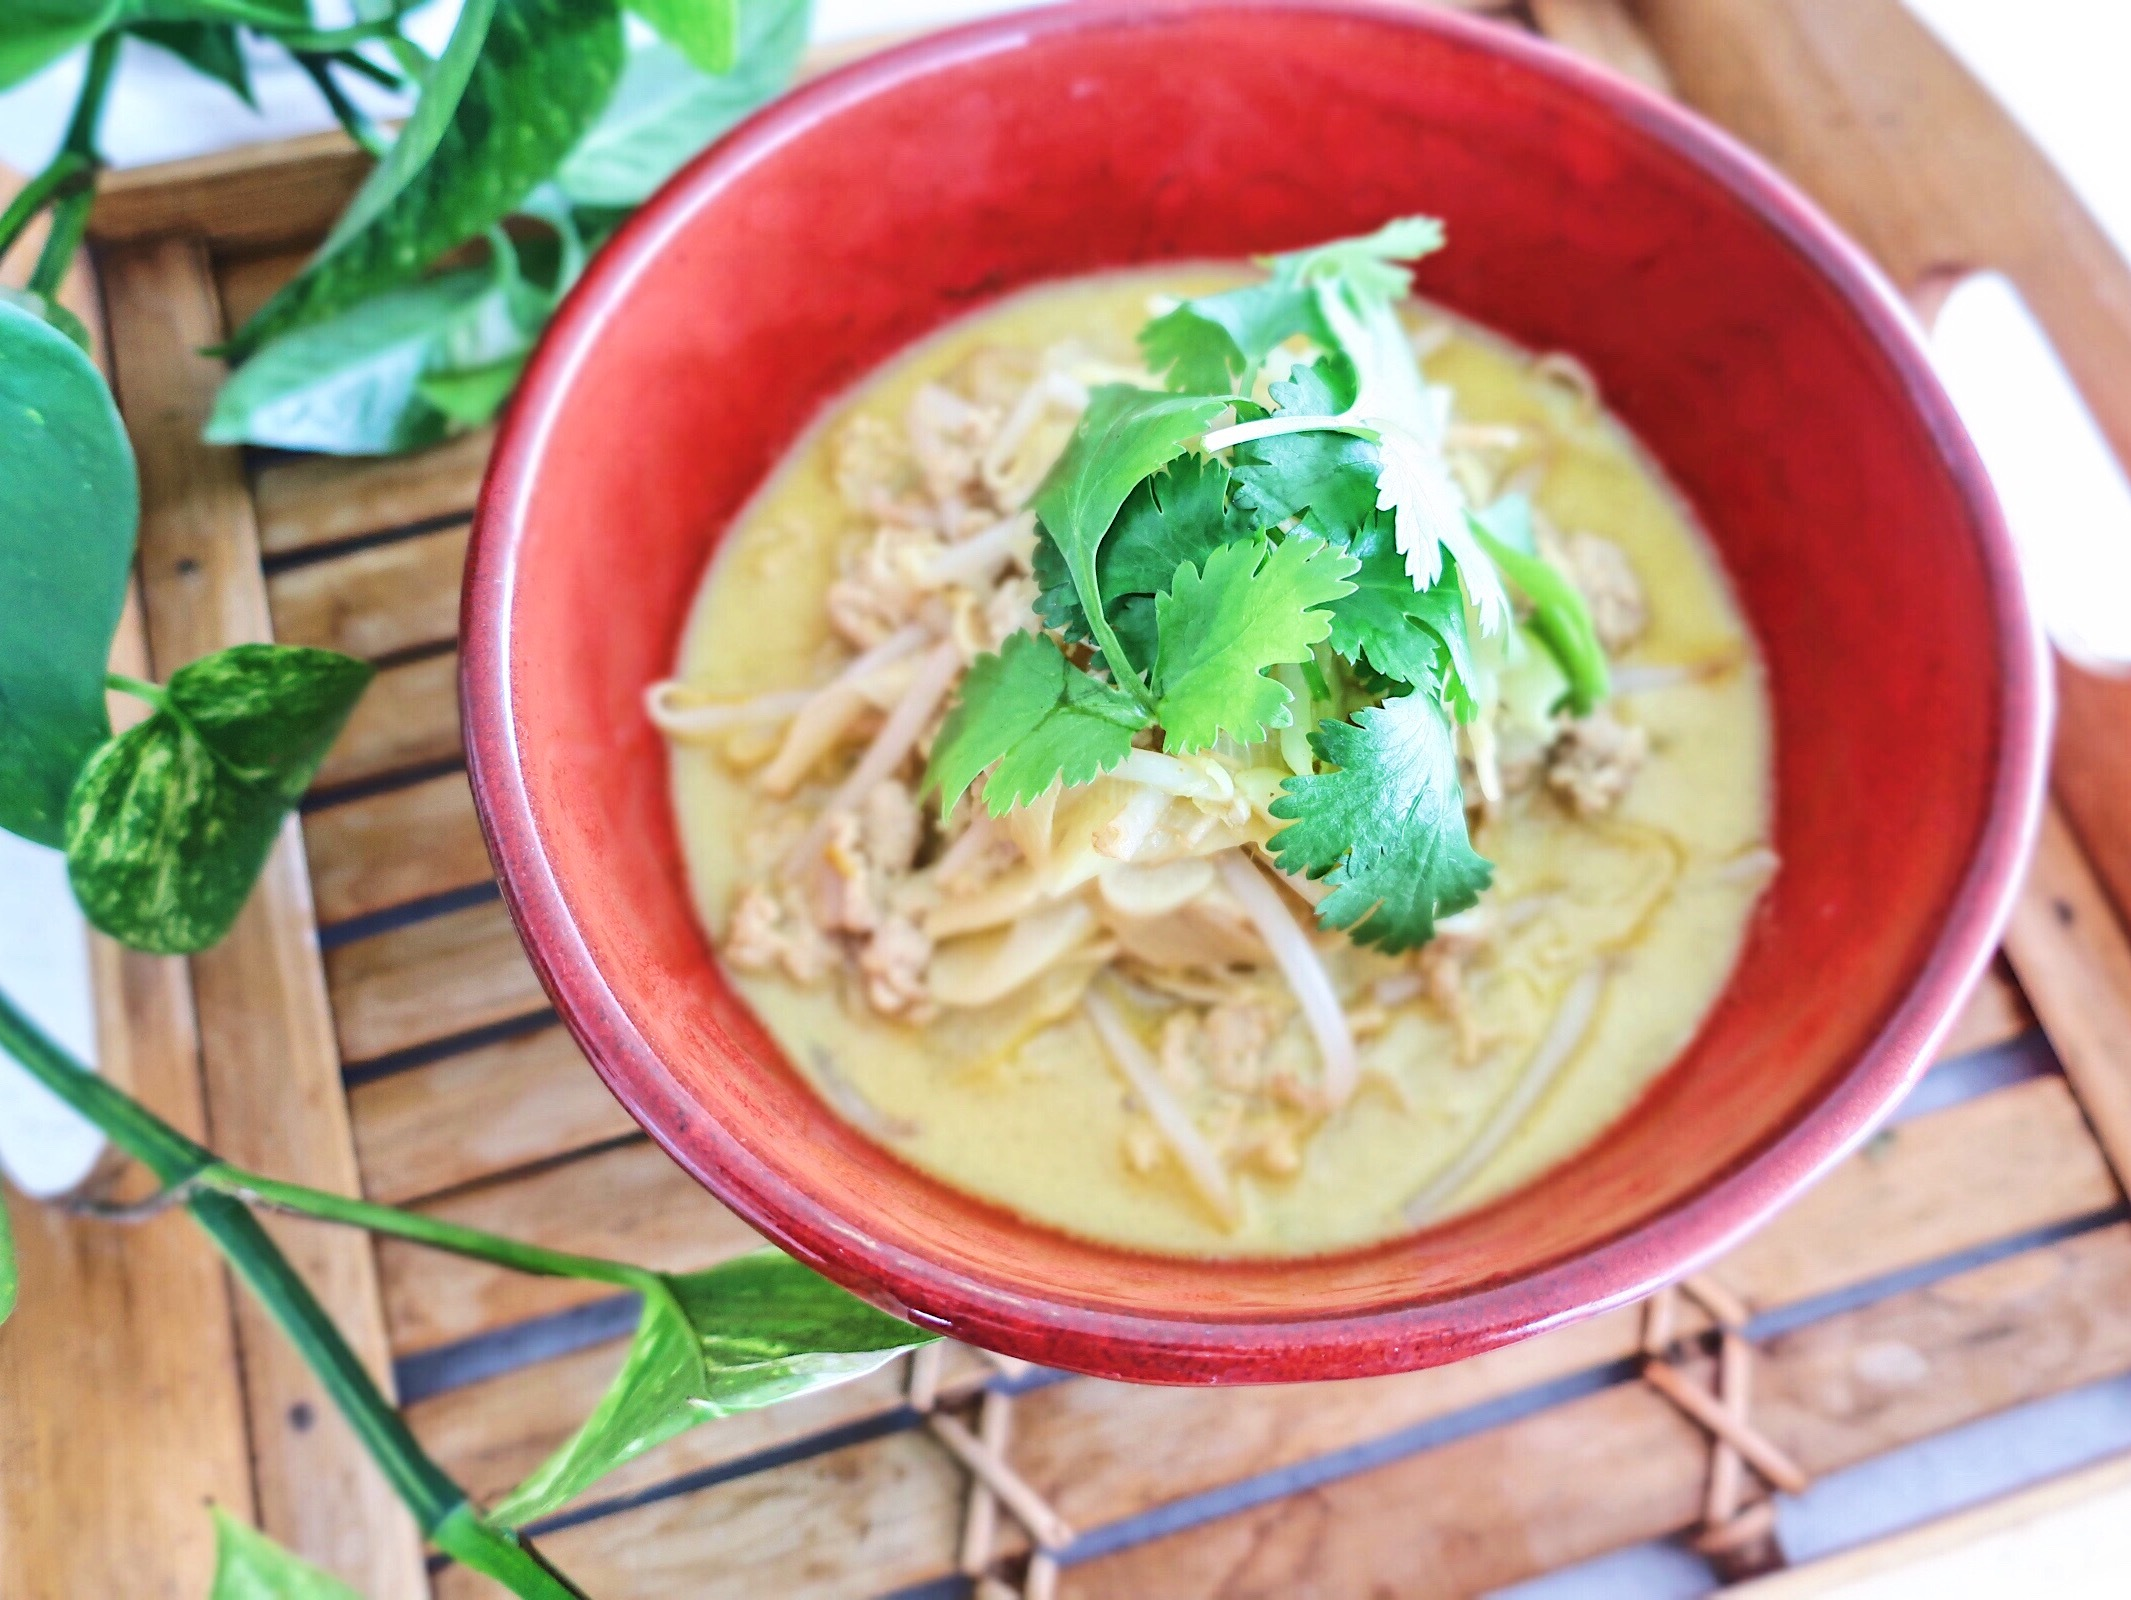 簡単にアジアの味!栄養価の高いココナッツミルクでラクサヌードル!_1_1